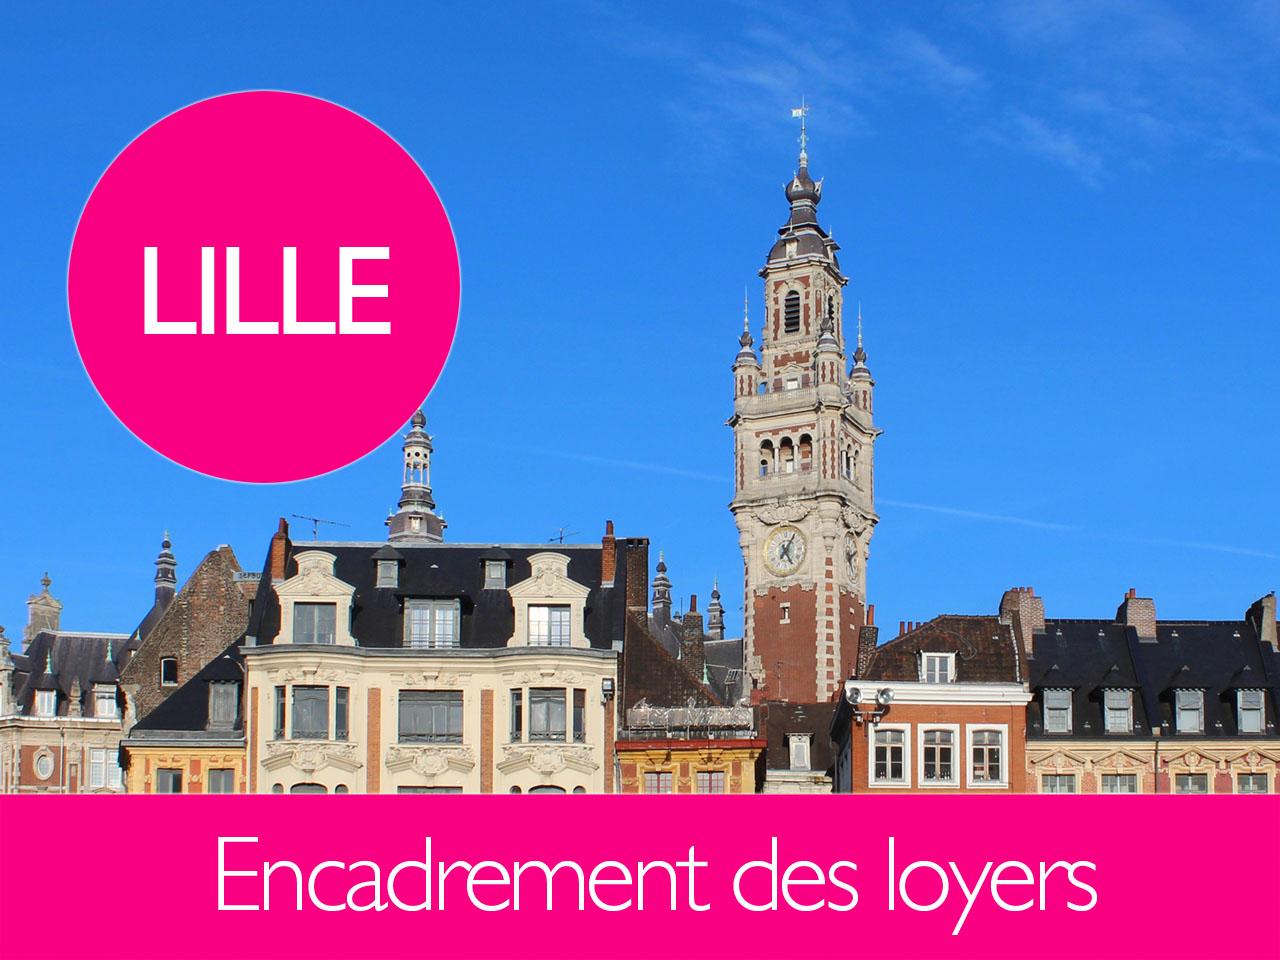 C'est au tour de Lille d'encadrer les loyers